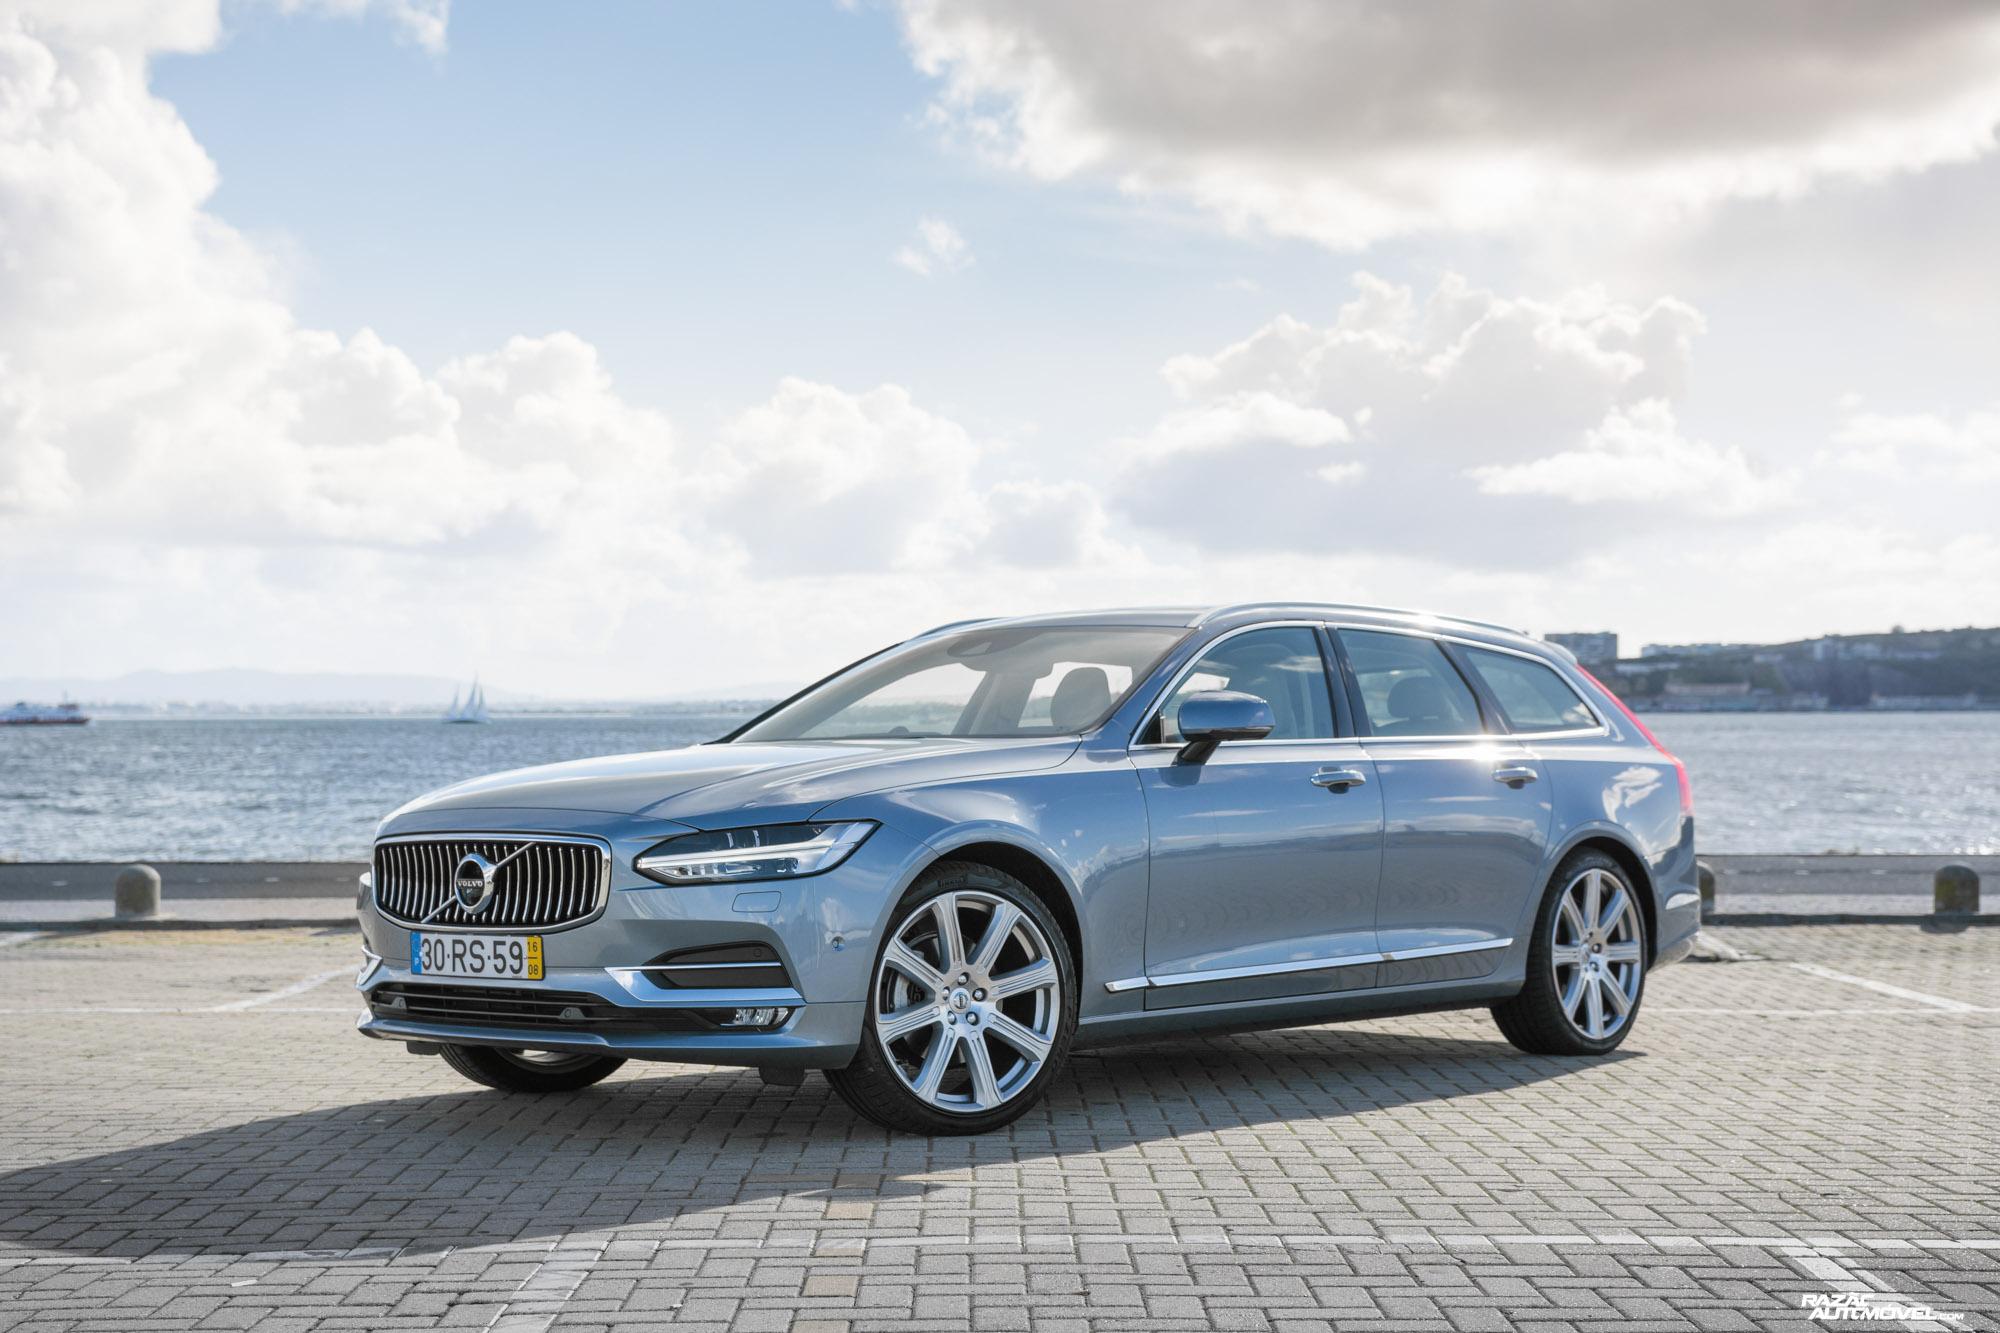 Ca 2017 Volvo V90 (1)